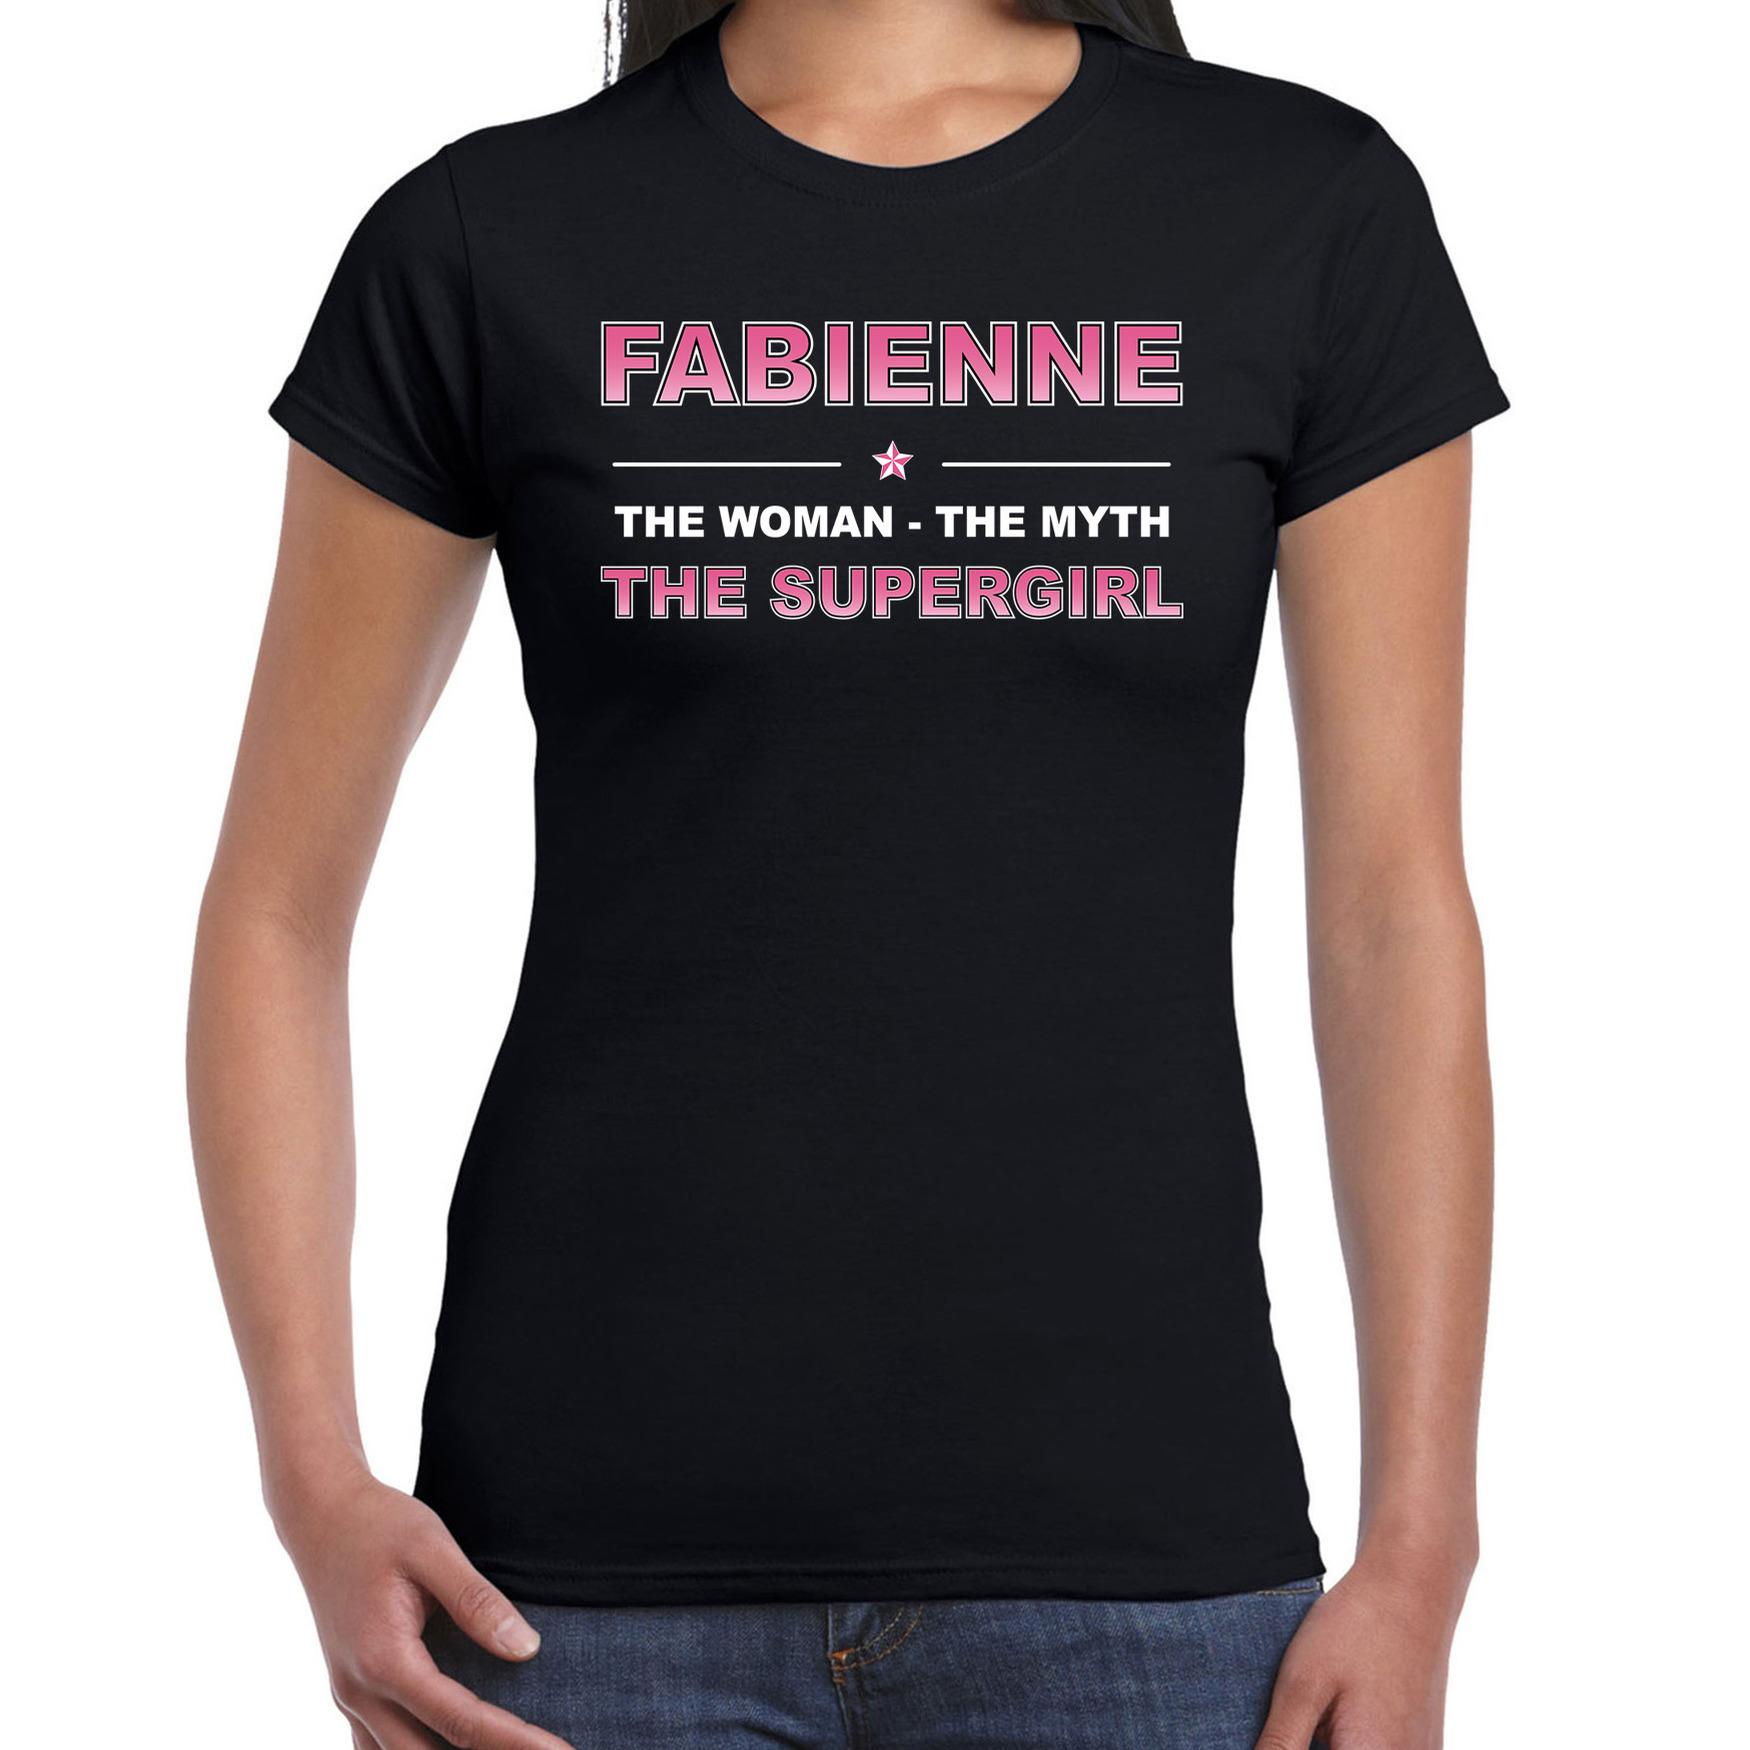 Naam cadeau t-shirt - shirt Fabienne - the supergirl zwart voor dames